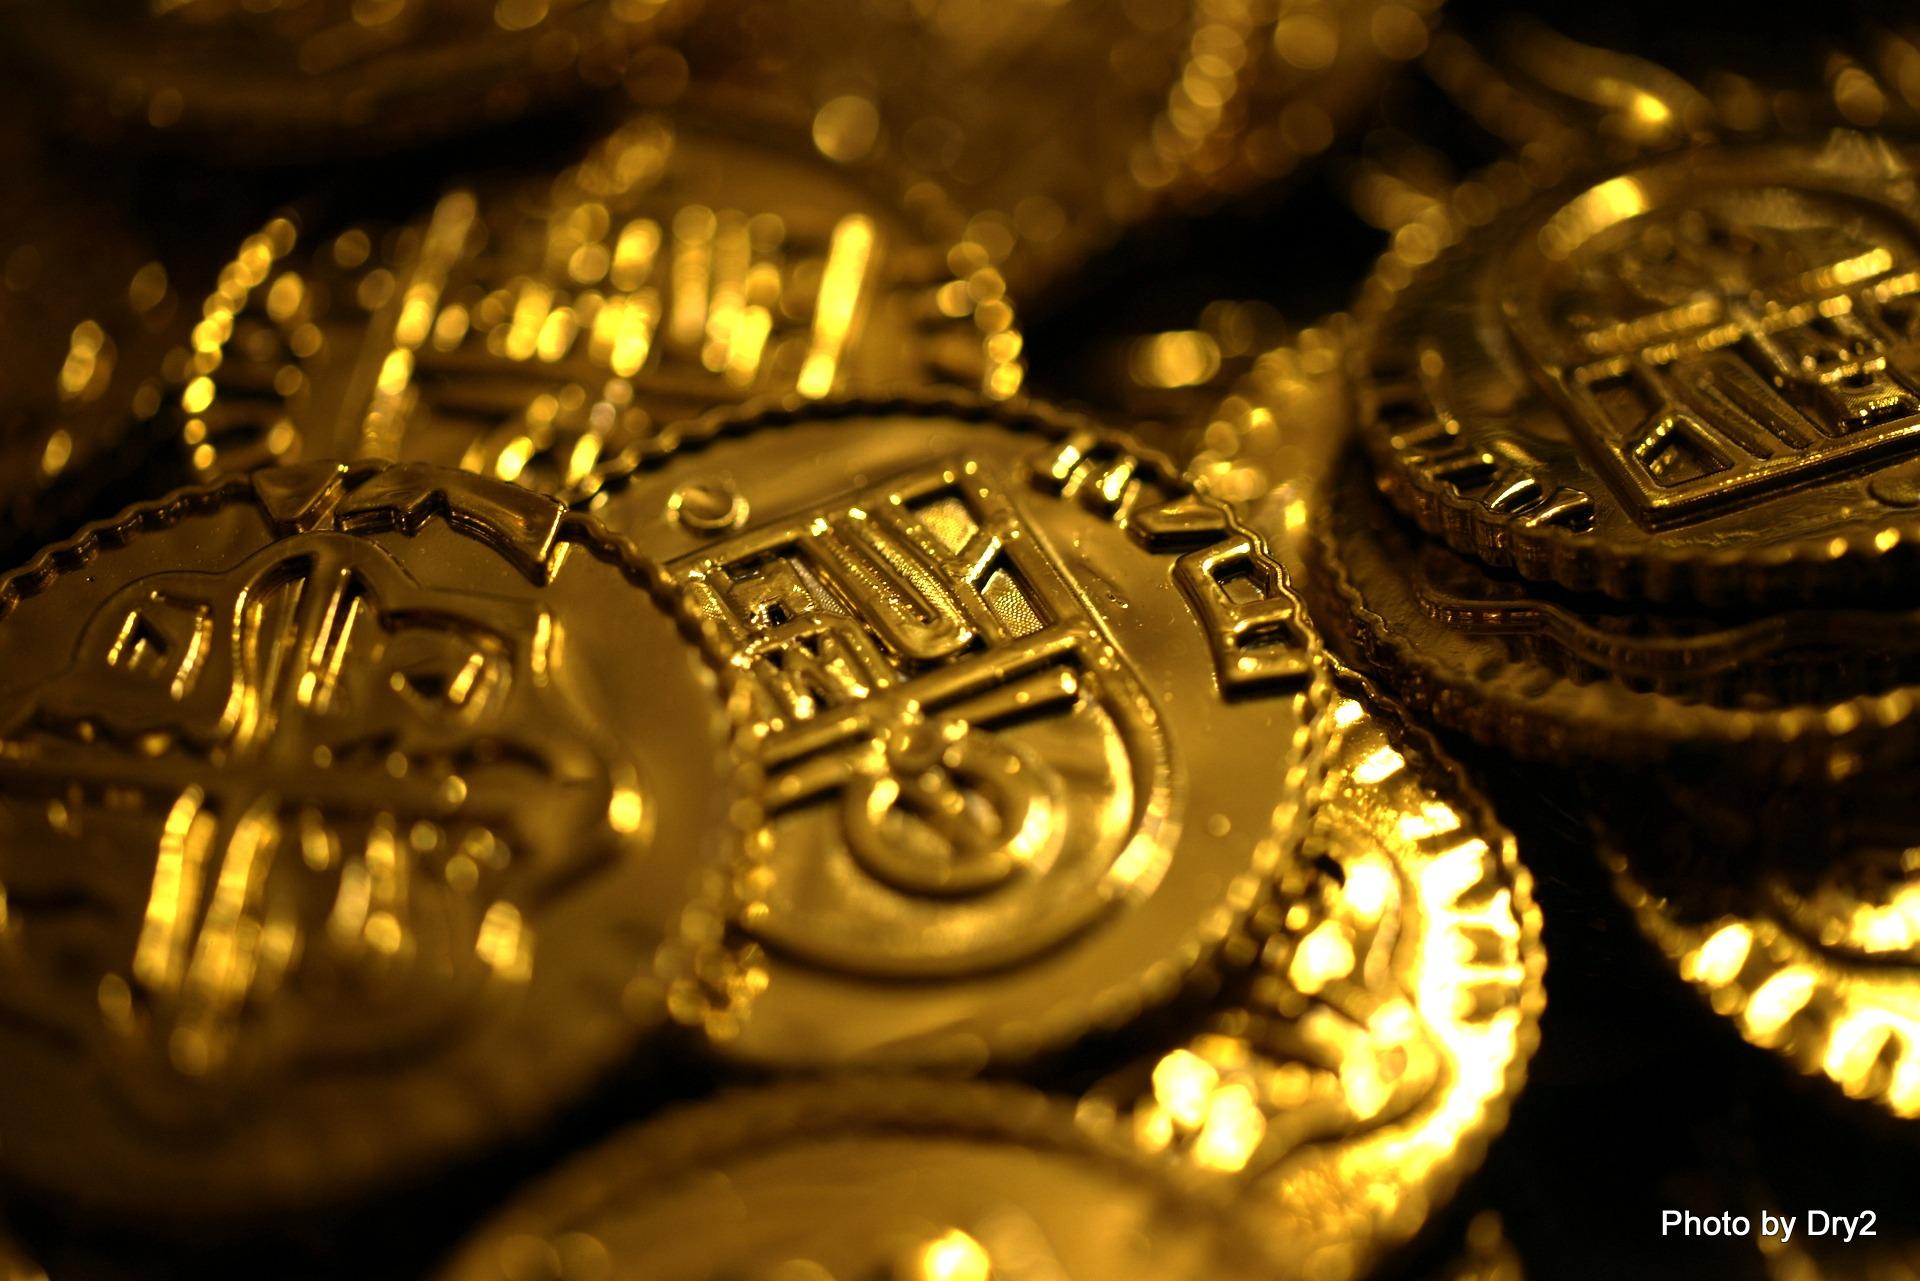 비트 코인 Bitcoin의 가정 낭비에